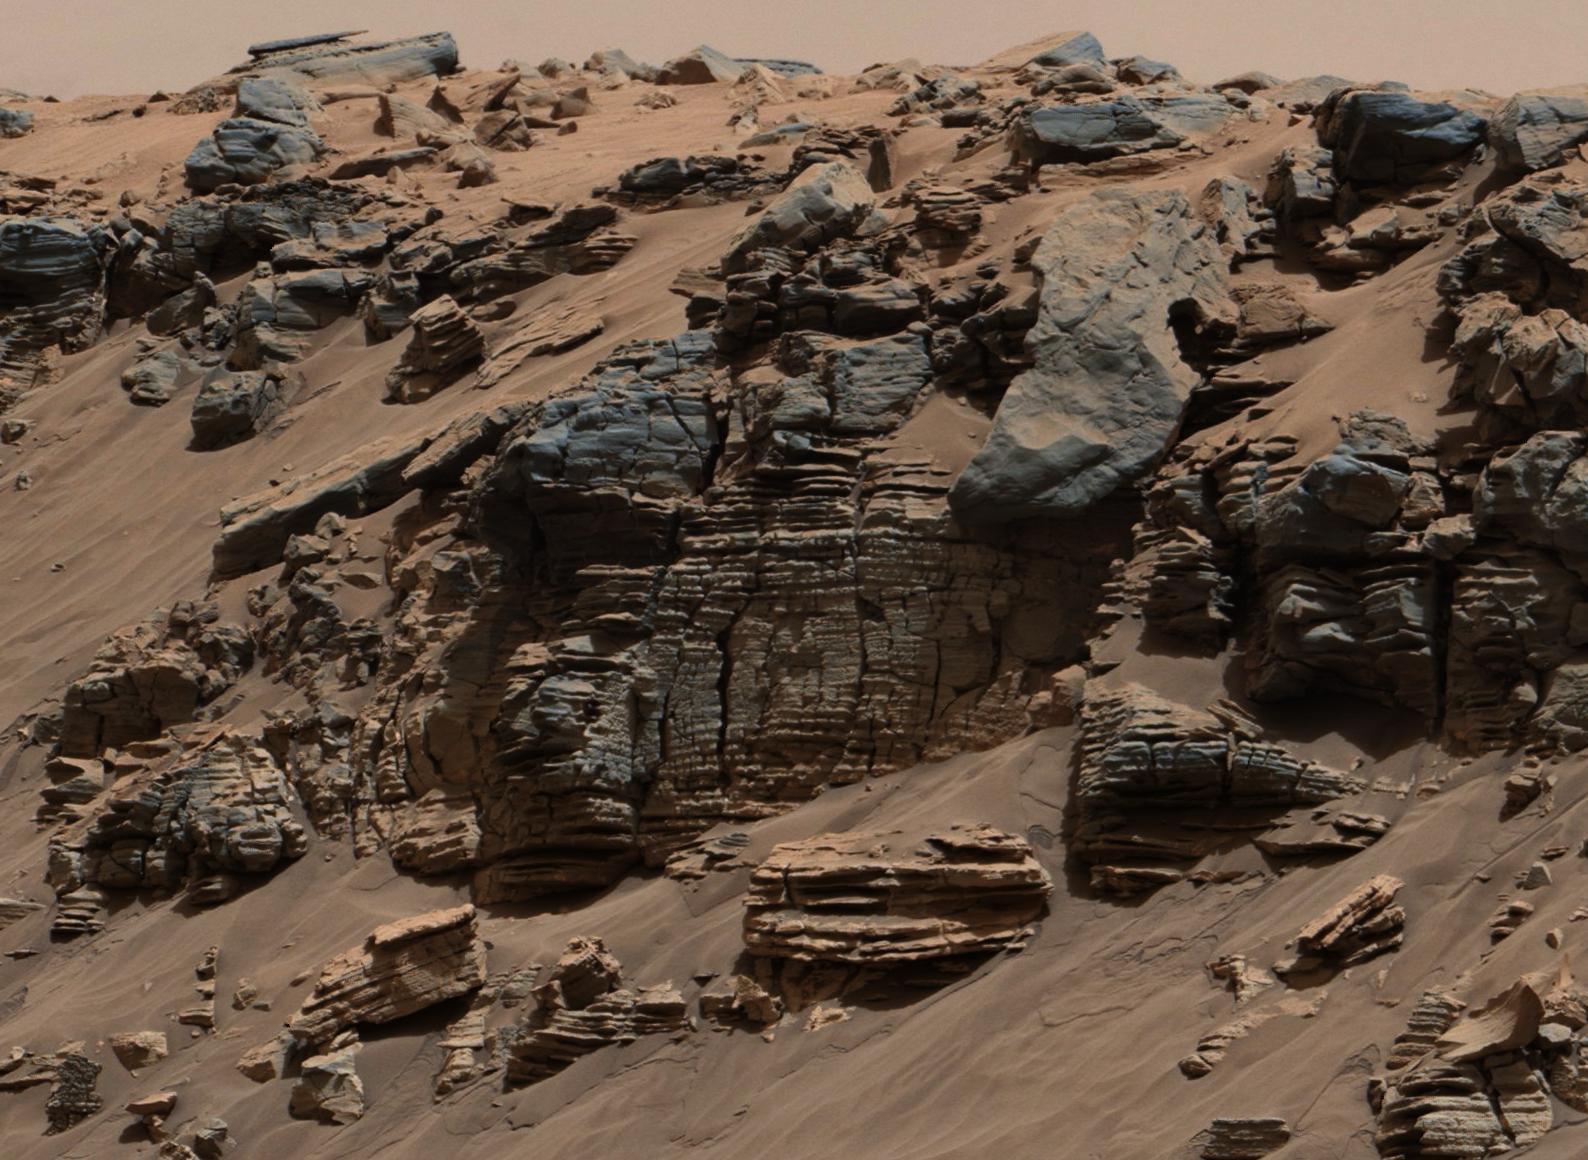 Осадочные признаки дна марсианского озера: Эта равномерно слоистая порода, сфотографированная мачтовой камерой (Mastcam) марсохода НАСА Curiosity, показывает картину, характерную для осадочных отложений на дне озера недалеко от места впадения проточной воды в озеро.